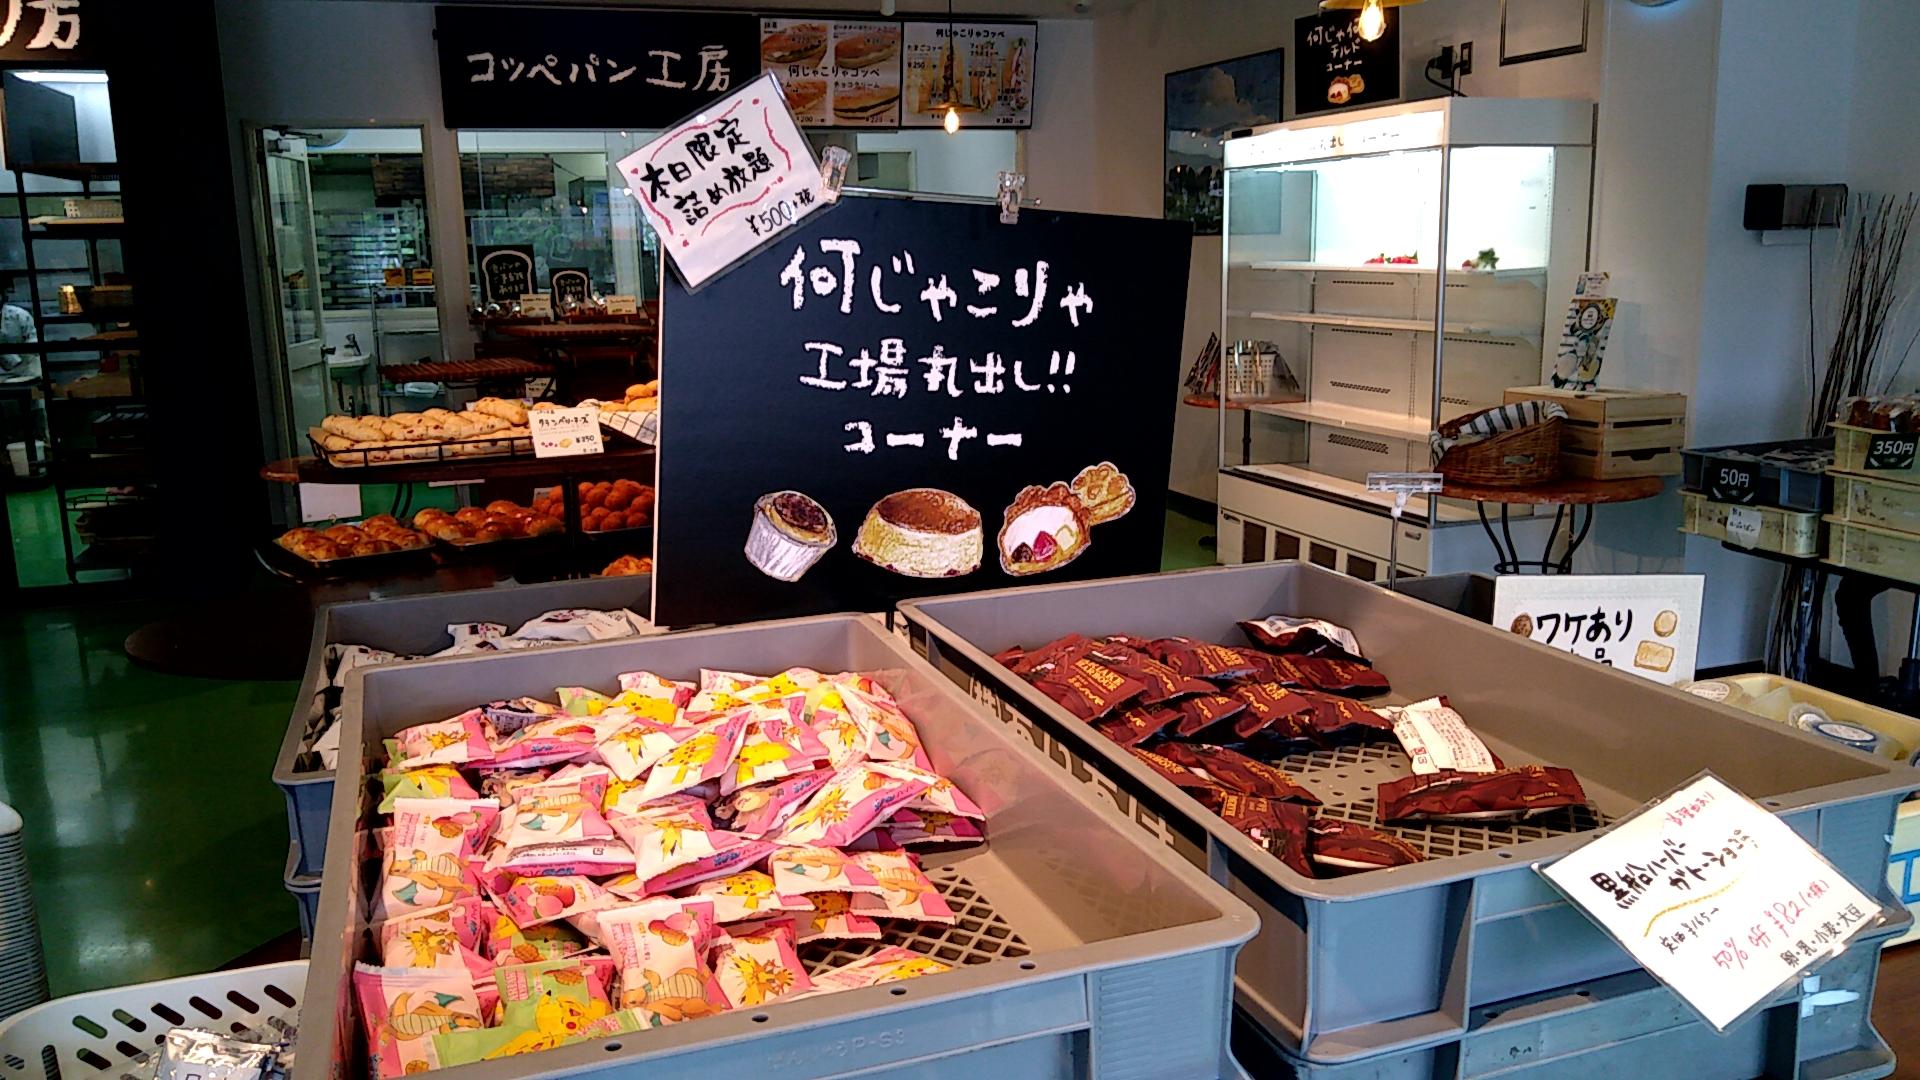 超お得!500円で横浜銘菓ハーバー詰め放題♪2019年6月オープン